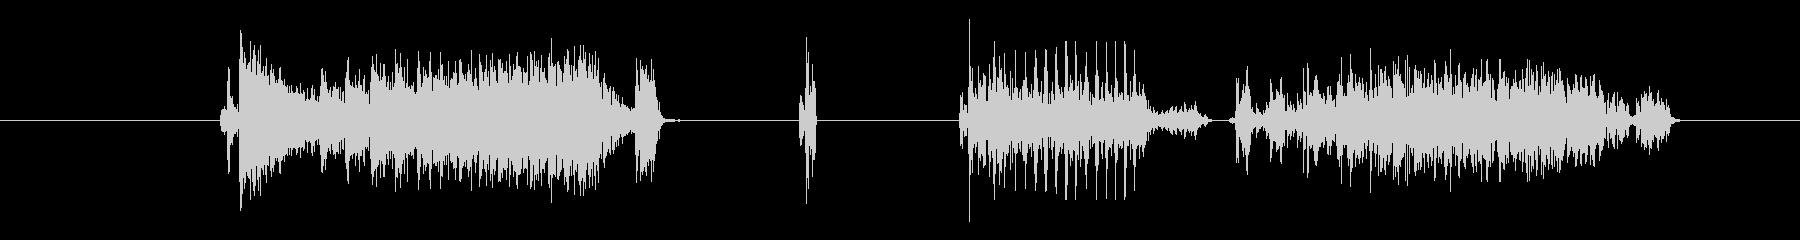 特撮 グリッチショート02の未再生の波形